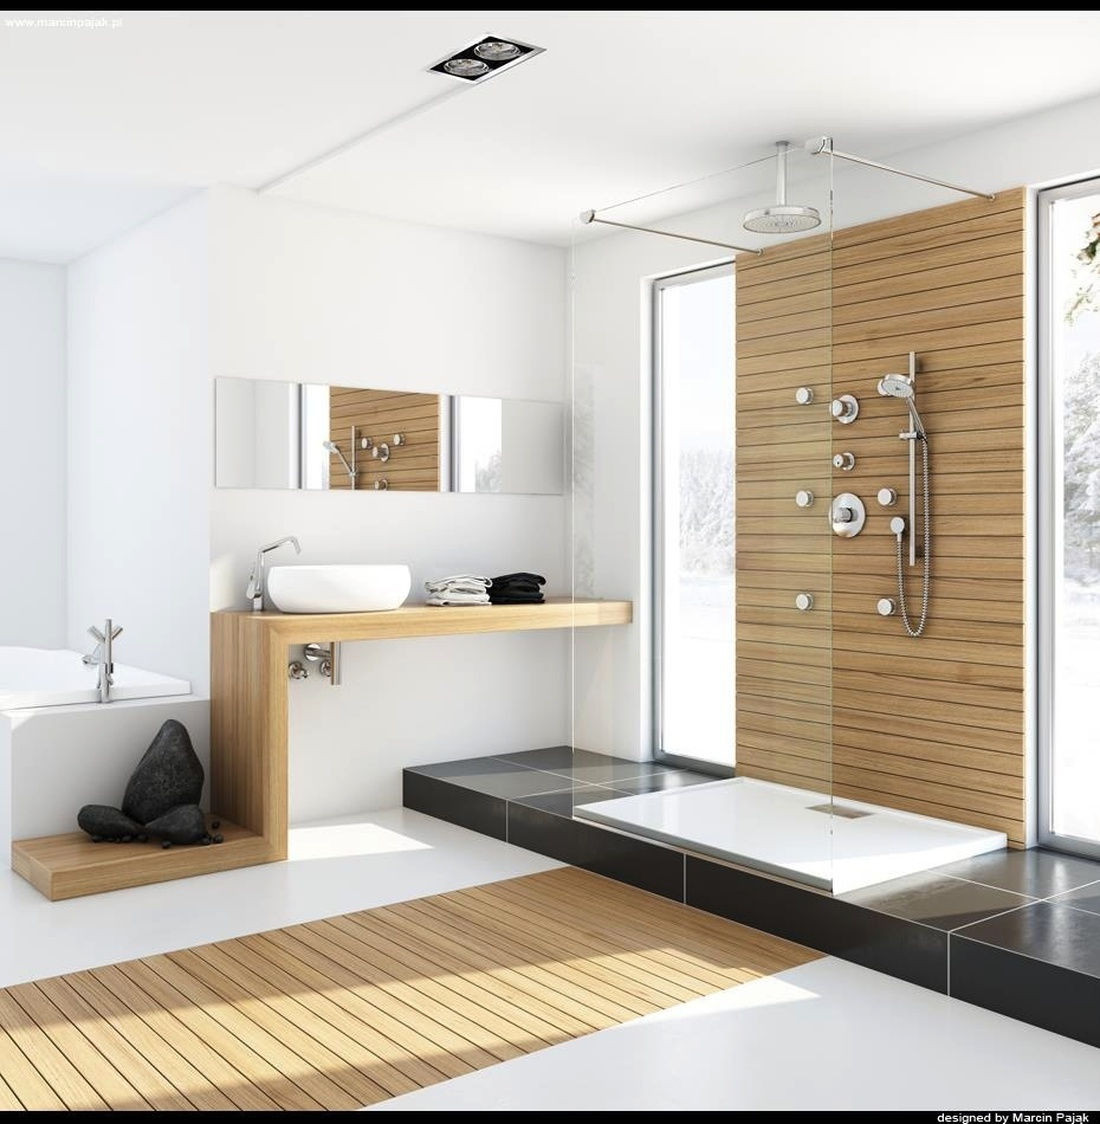 Стиль минимализм актуален для ванной.